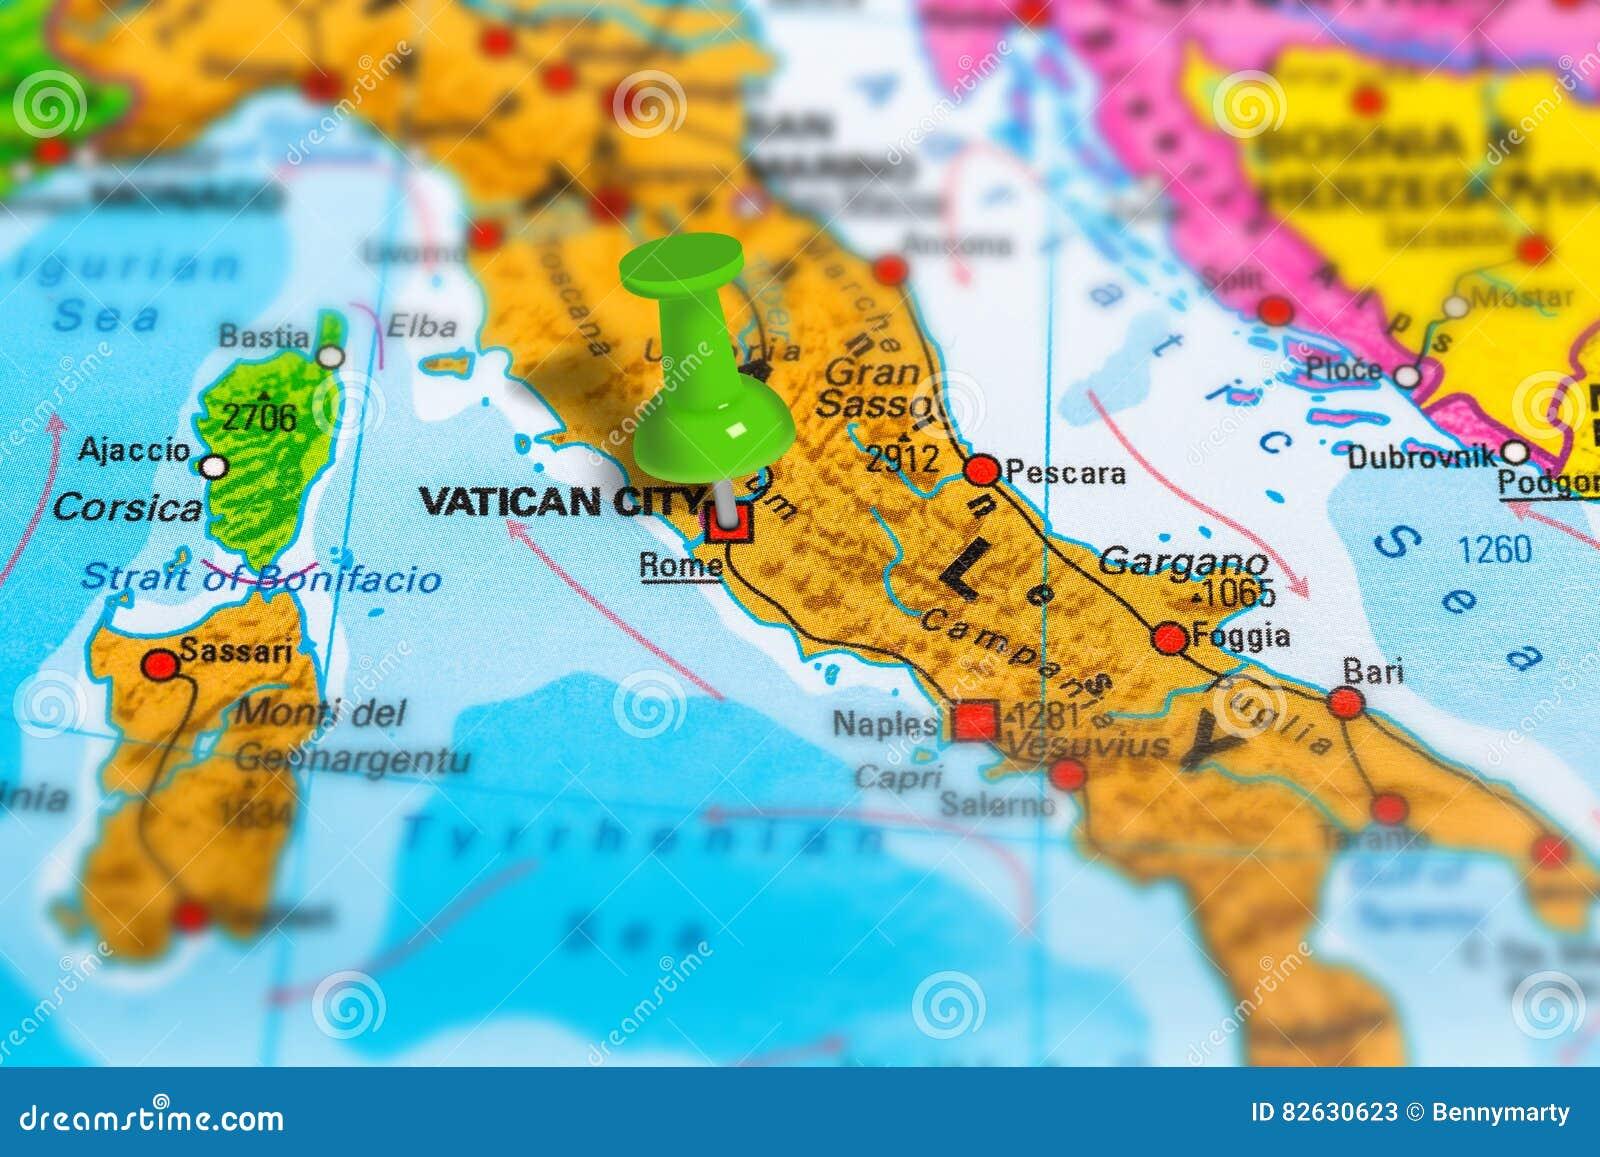 Rzym Wlochy Mapa Obraz Stock Obraz Zlozonej Z Kartografia 82630623